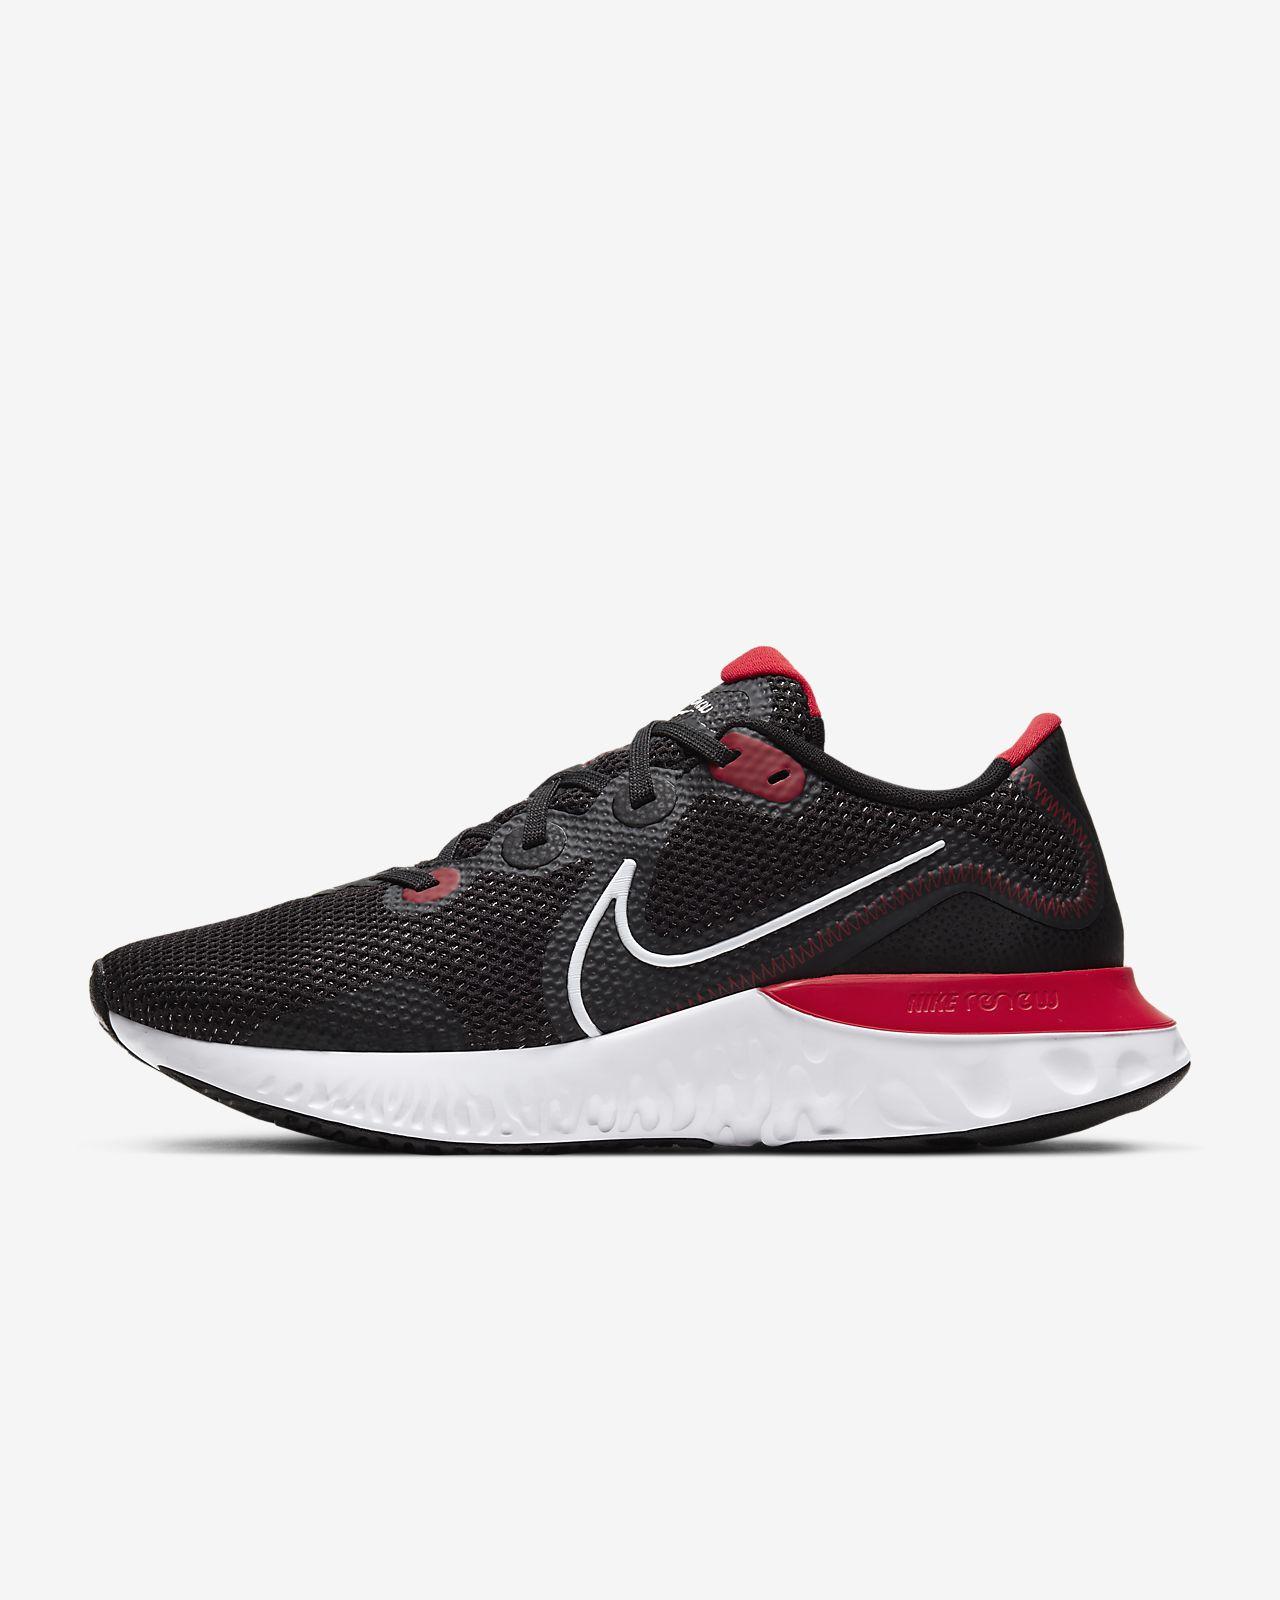 Löparsko Nike Renew Run för män